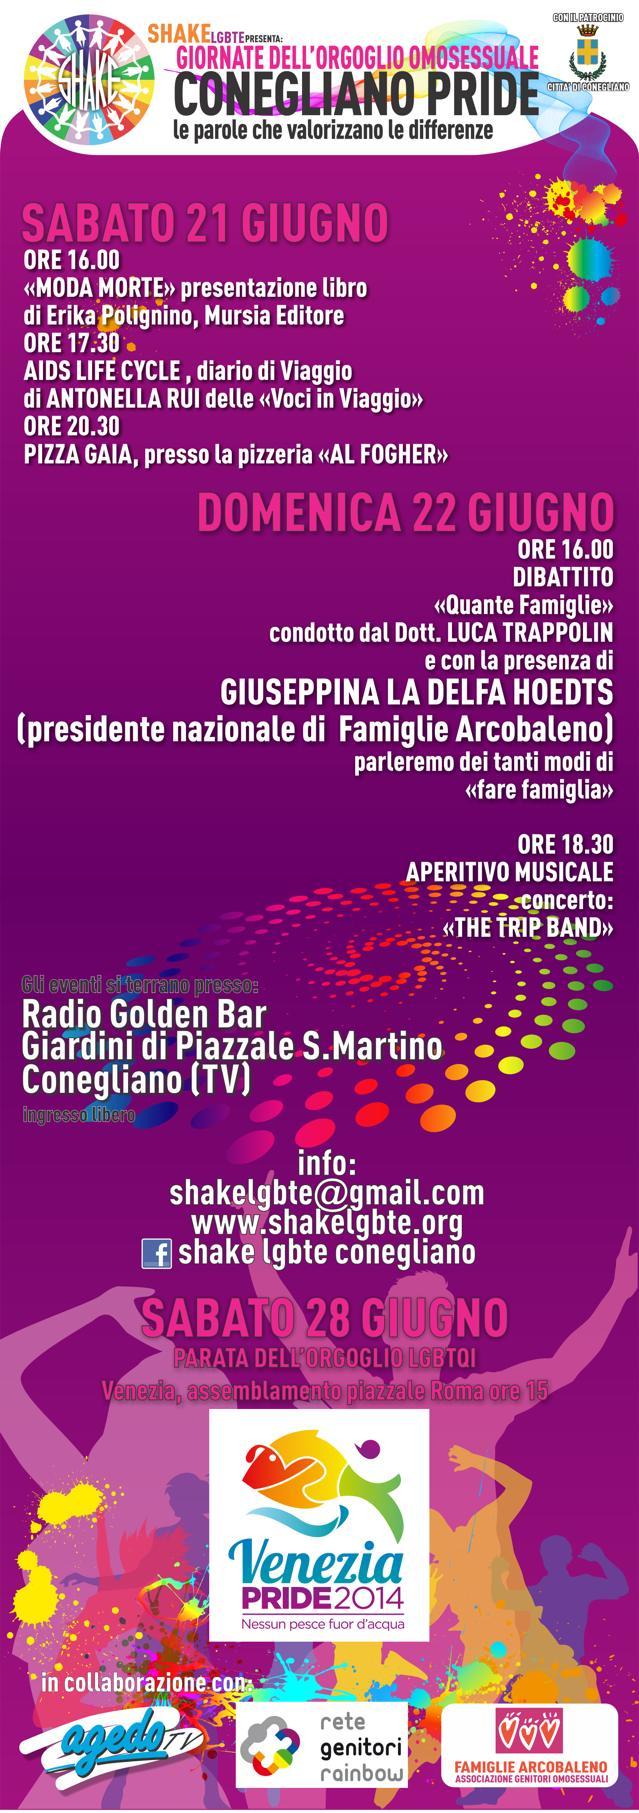 Conegliano Pride